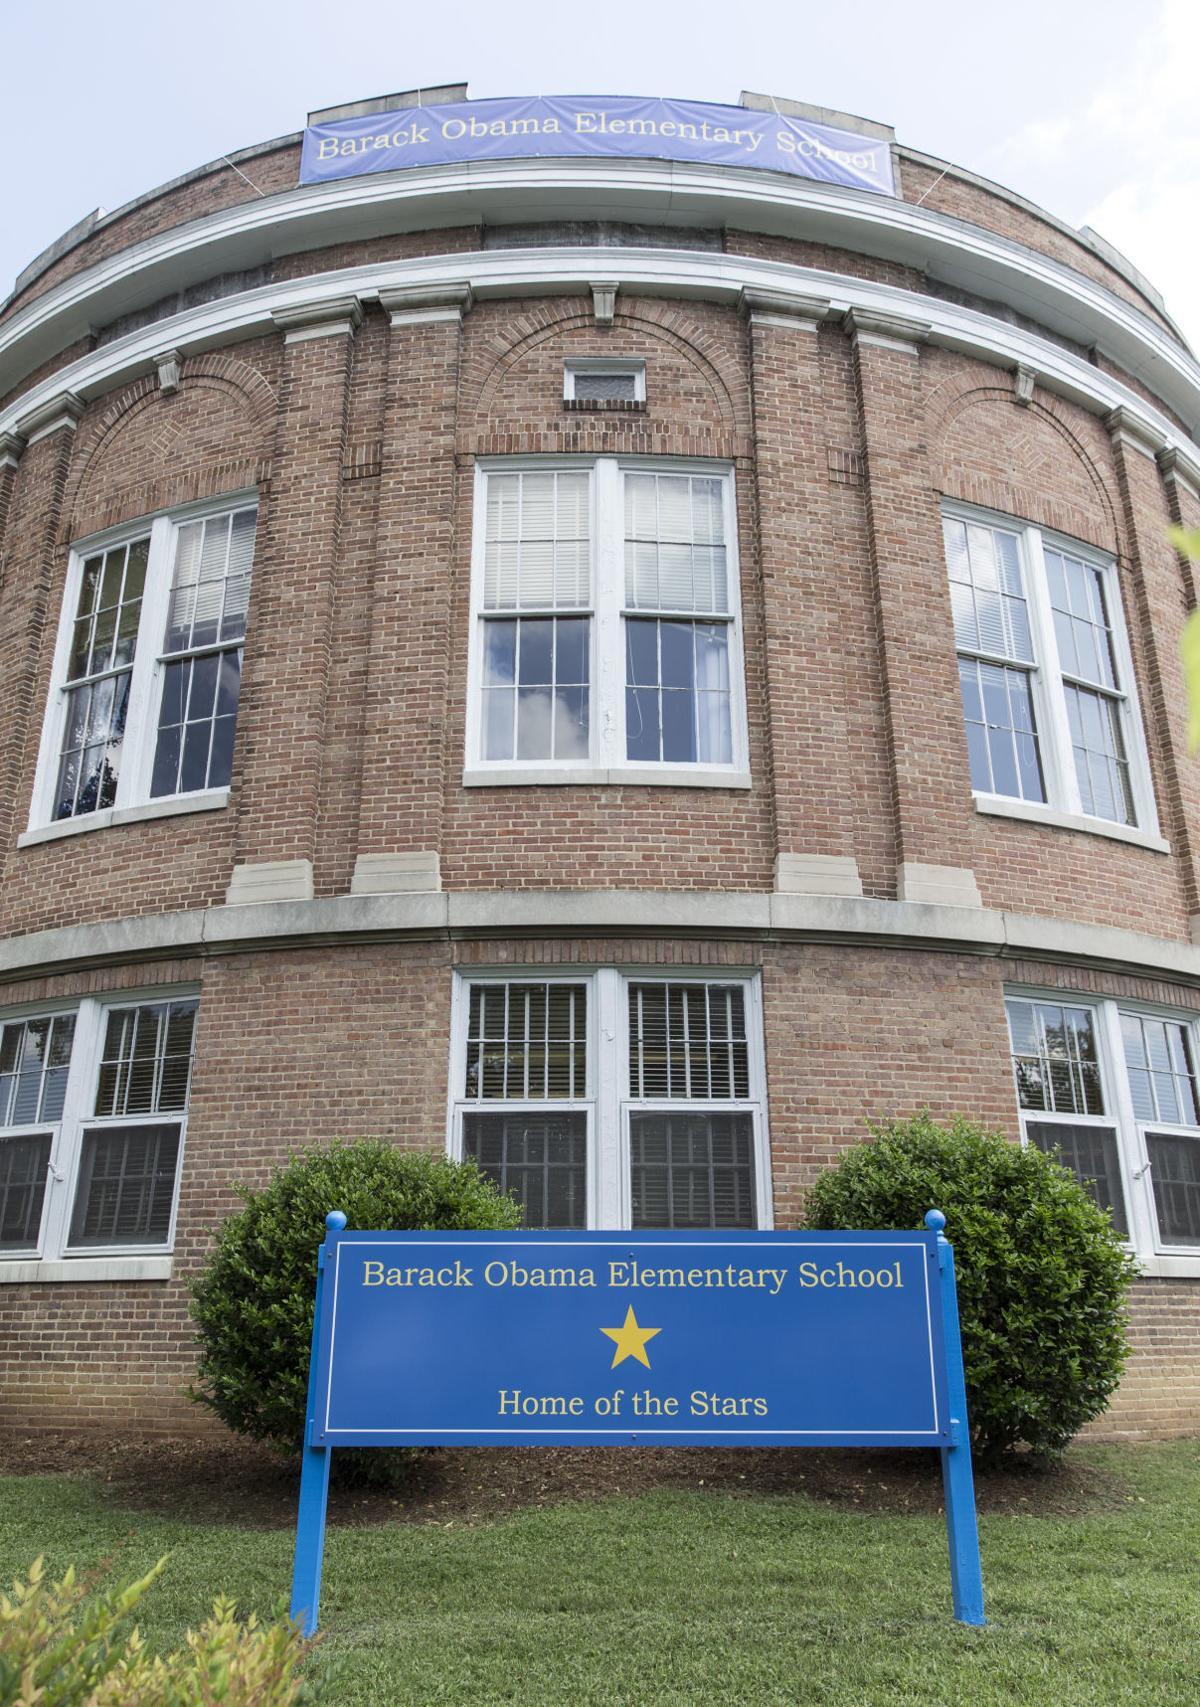 Obama Elementary School